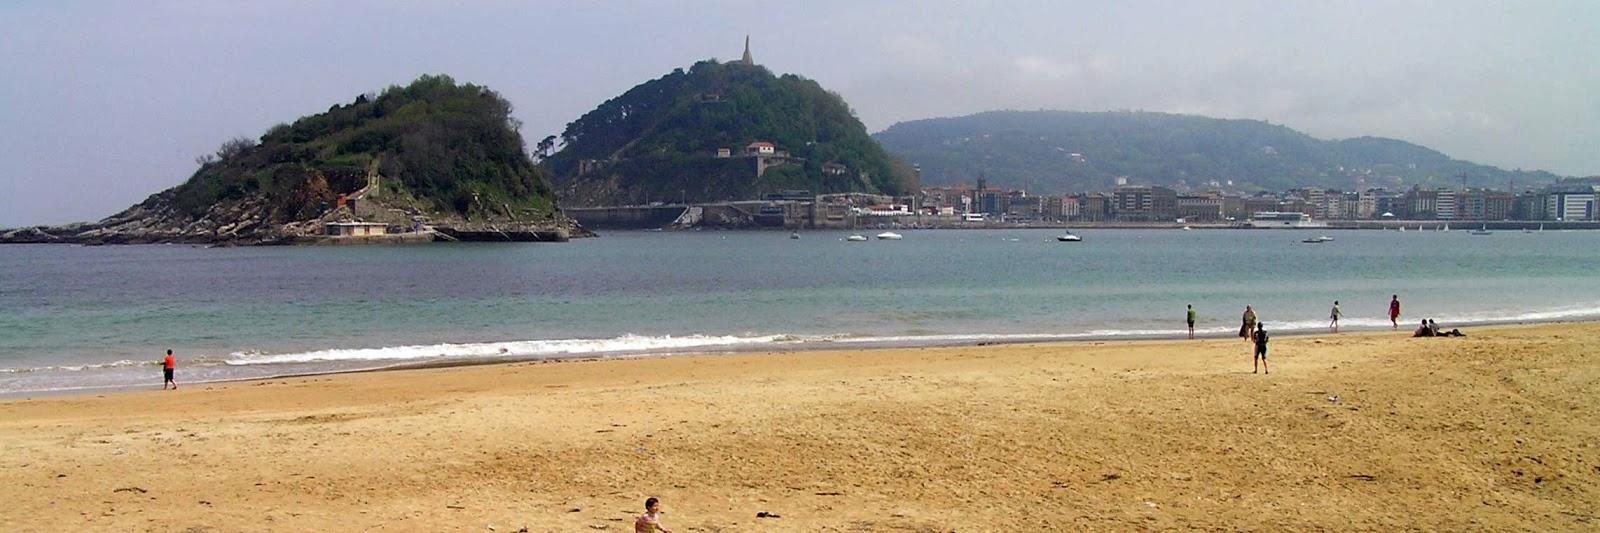 San Sebastián, Playa de la Concha.